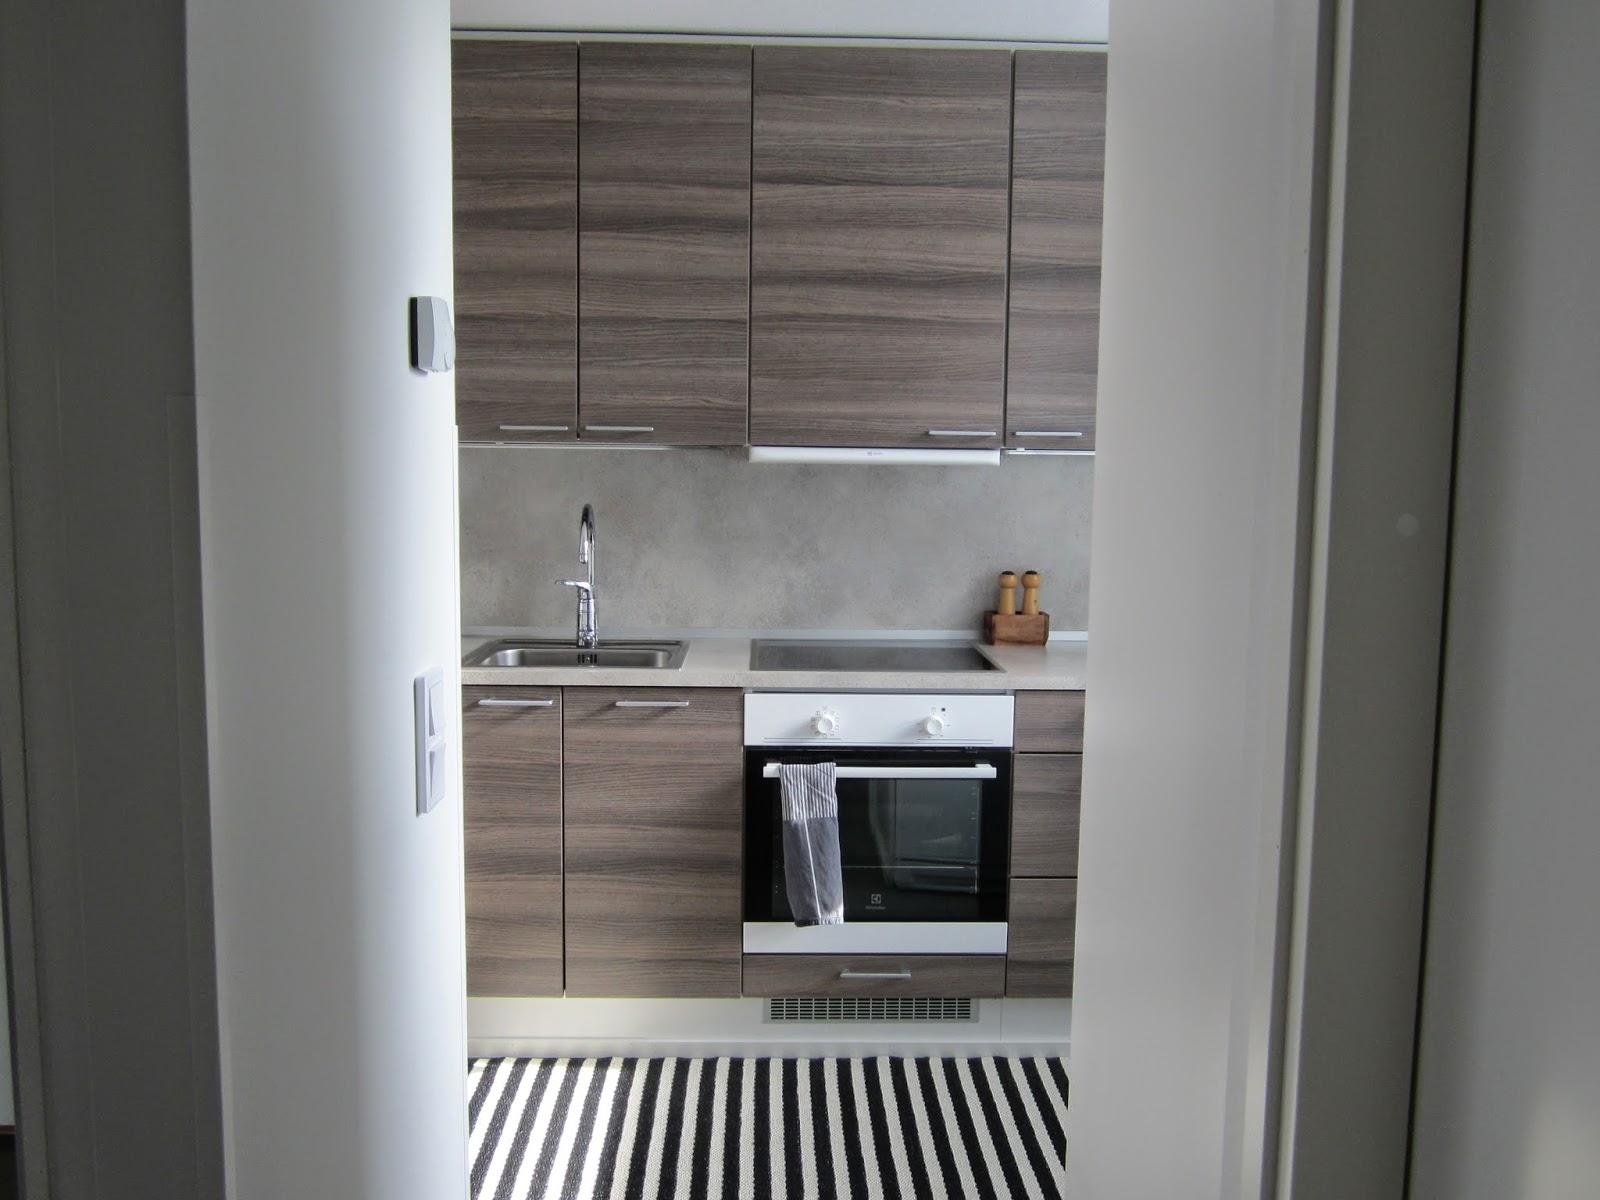 ZUBI'S CORNER Uuden kodin keittiö